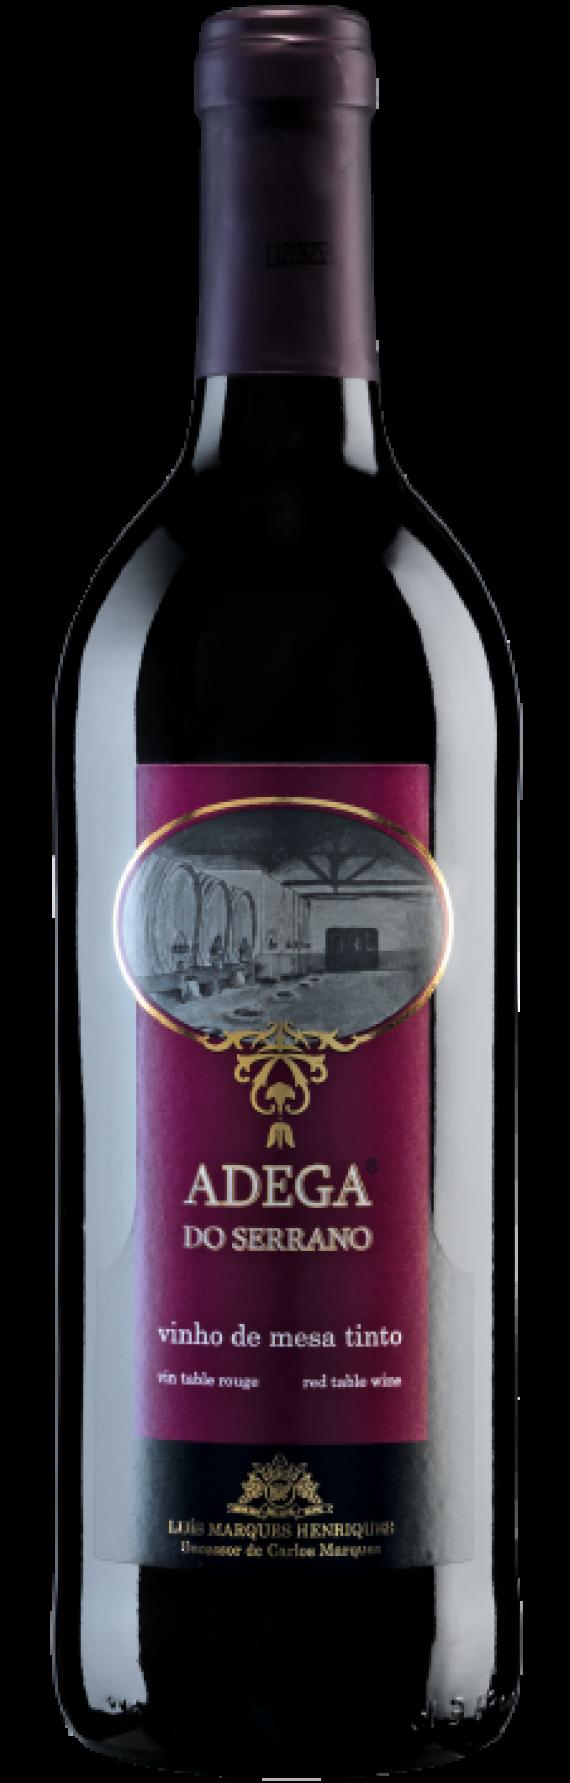 LMH-Wines - A Surpresa do Mercado Vinícola Português